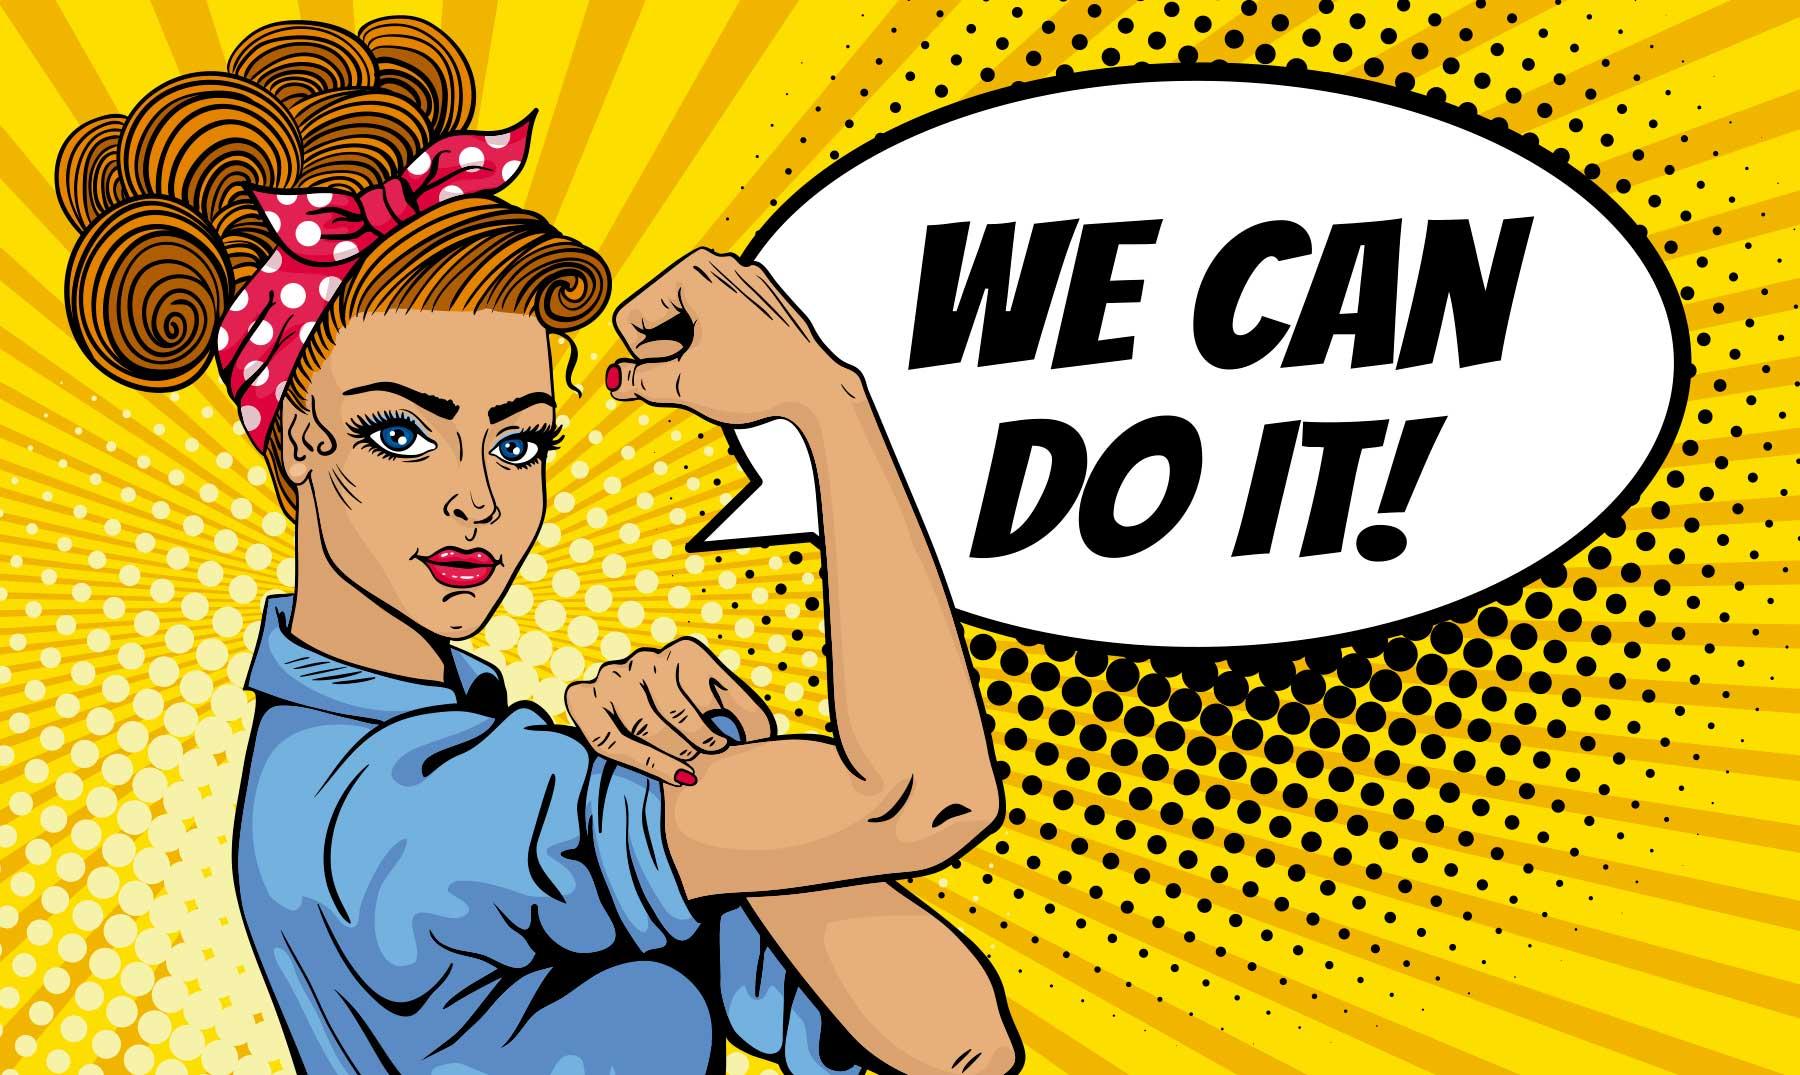 75 Frases Para El Día De La Mujer Lucha Por La Igualdad